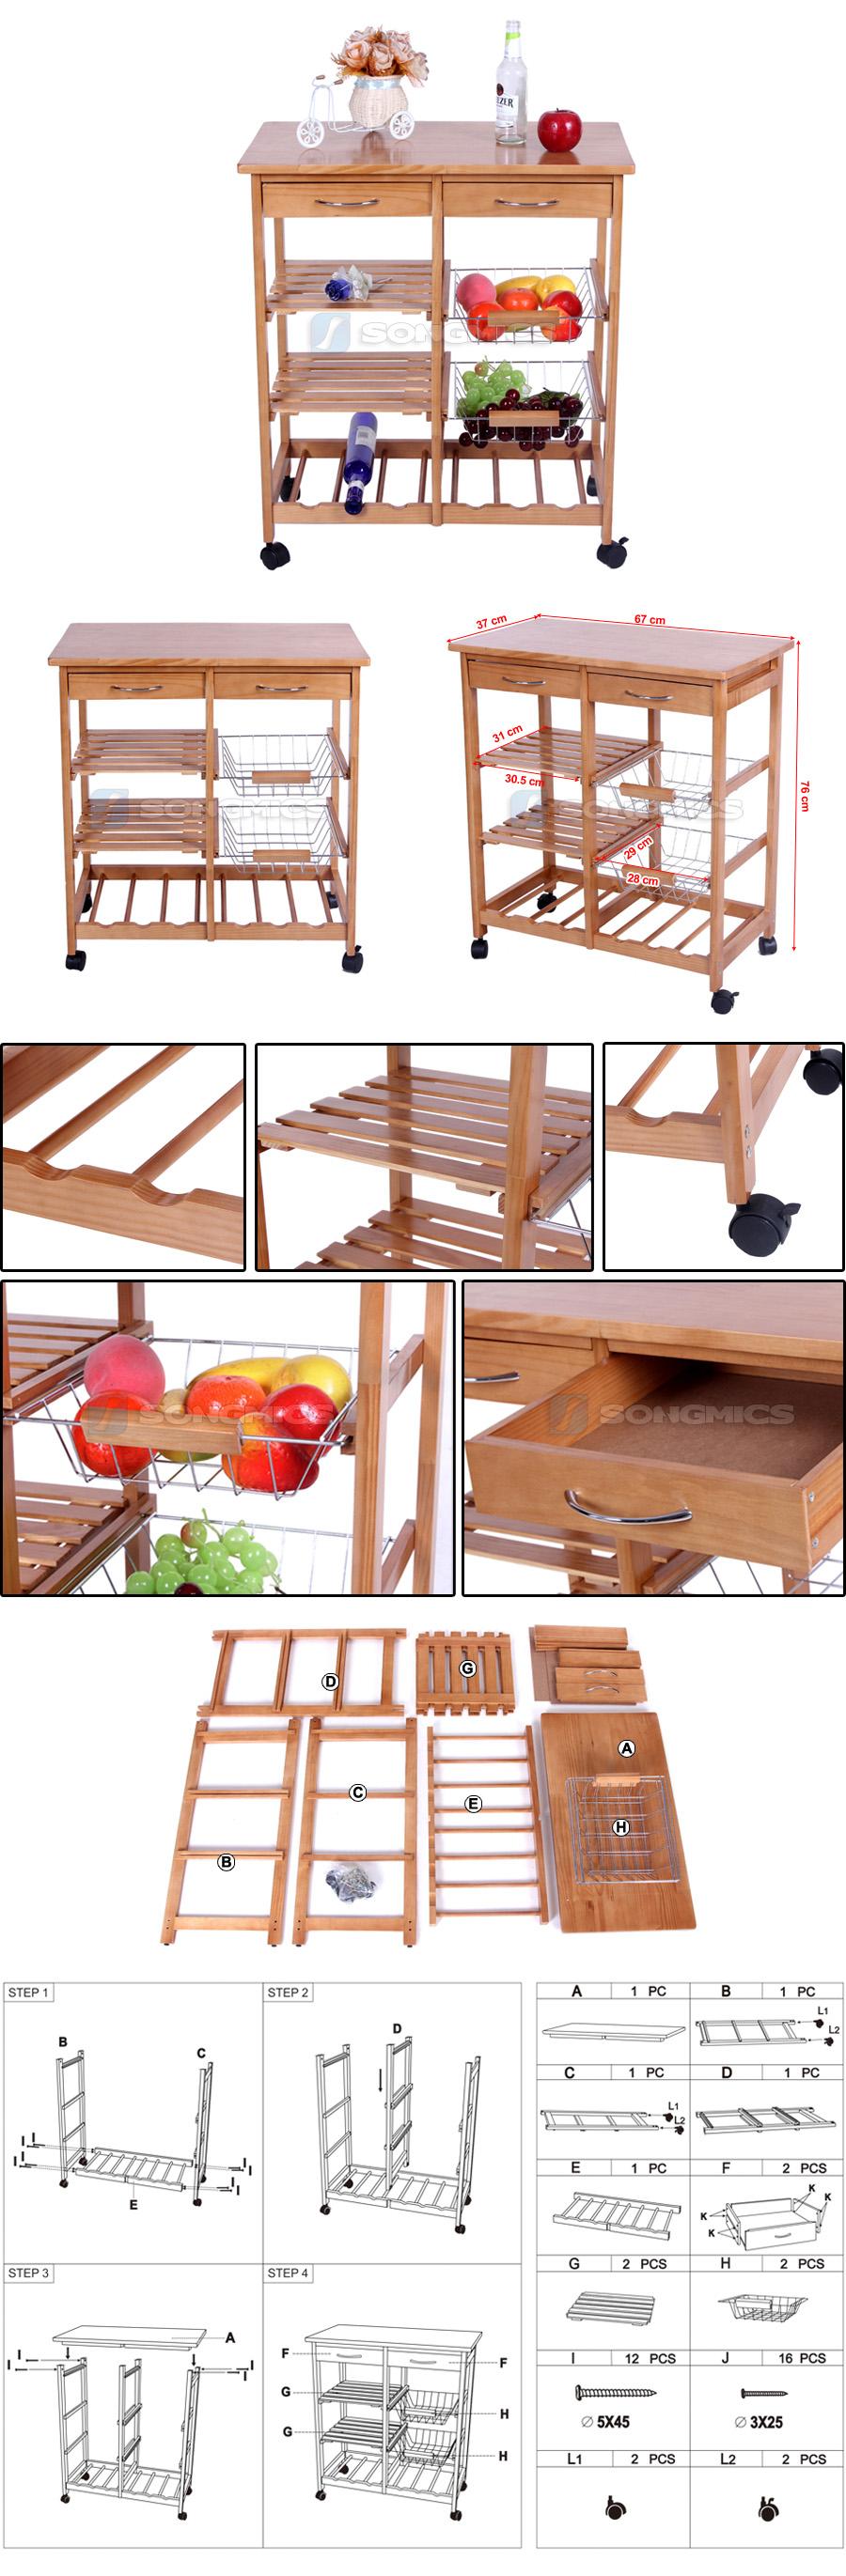 holz servierwagen rollwagen k chenwagen beistellwagen mit schublade ksk60n ebay. Black Bedroom Furniture Sets. Home Design Ideas